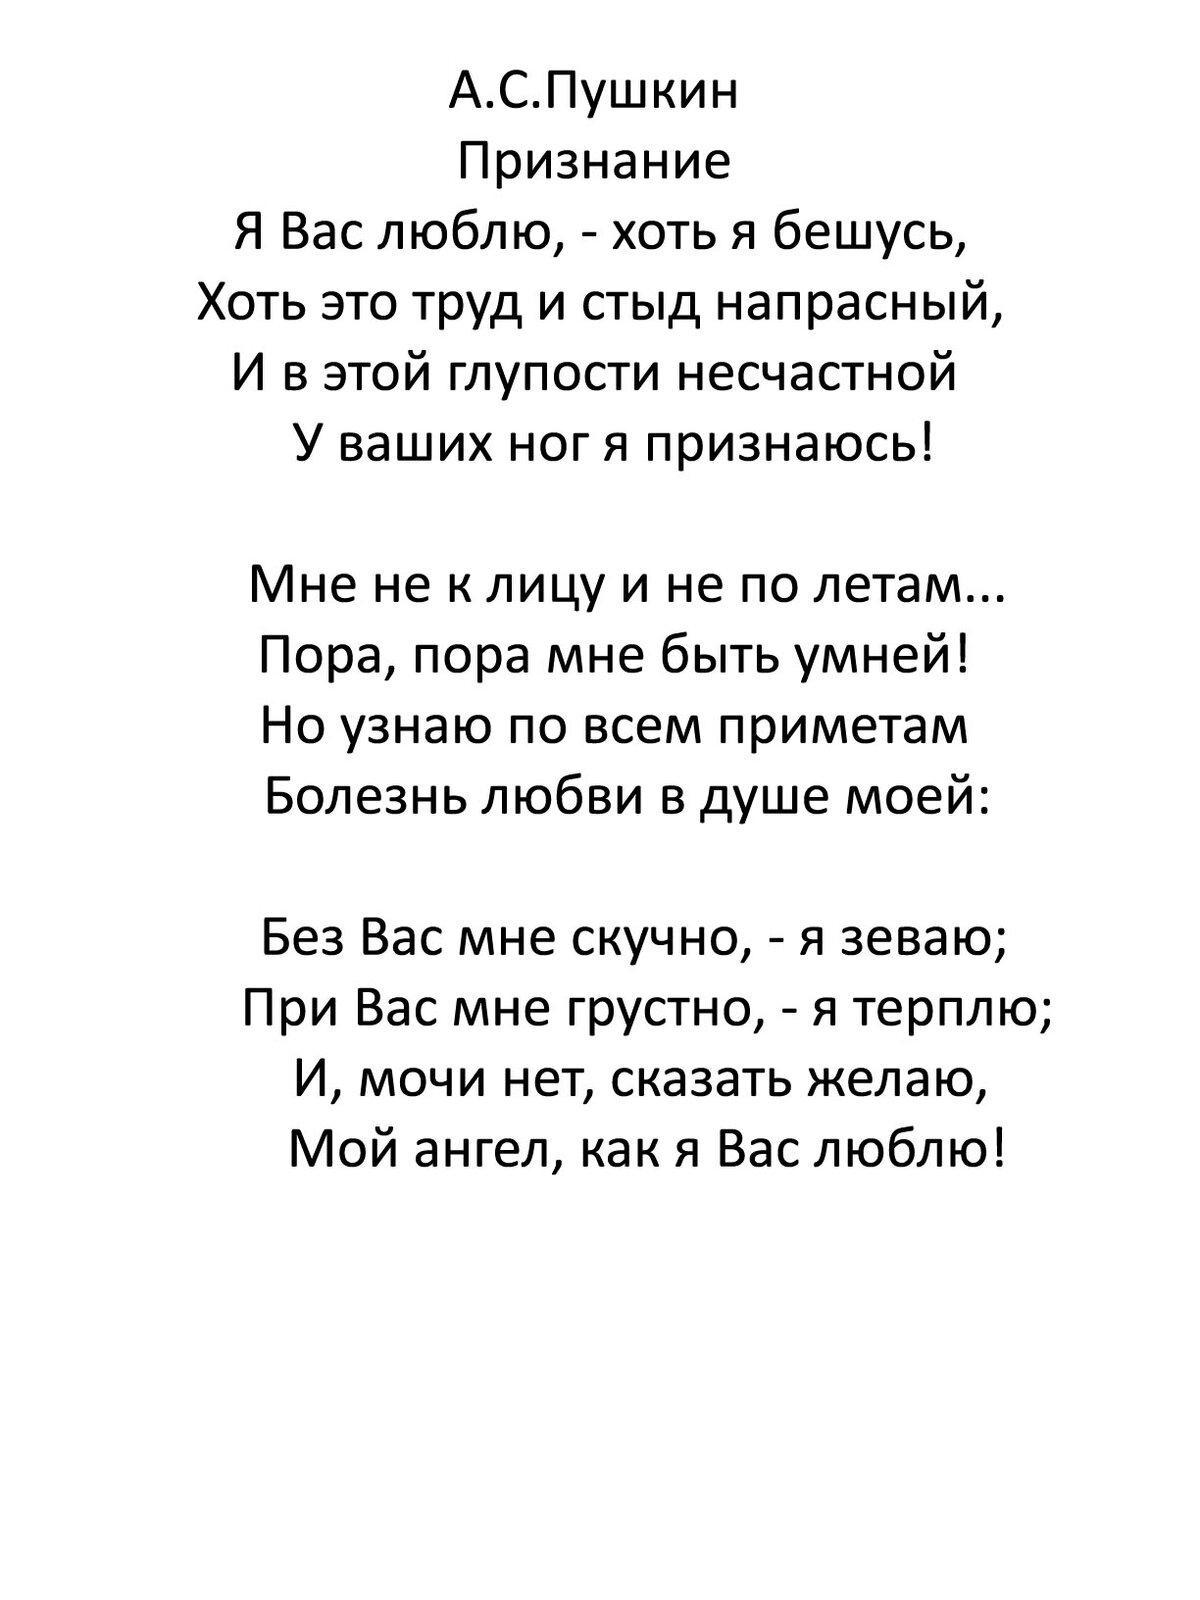 Самые распространенные стихи